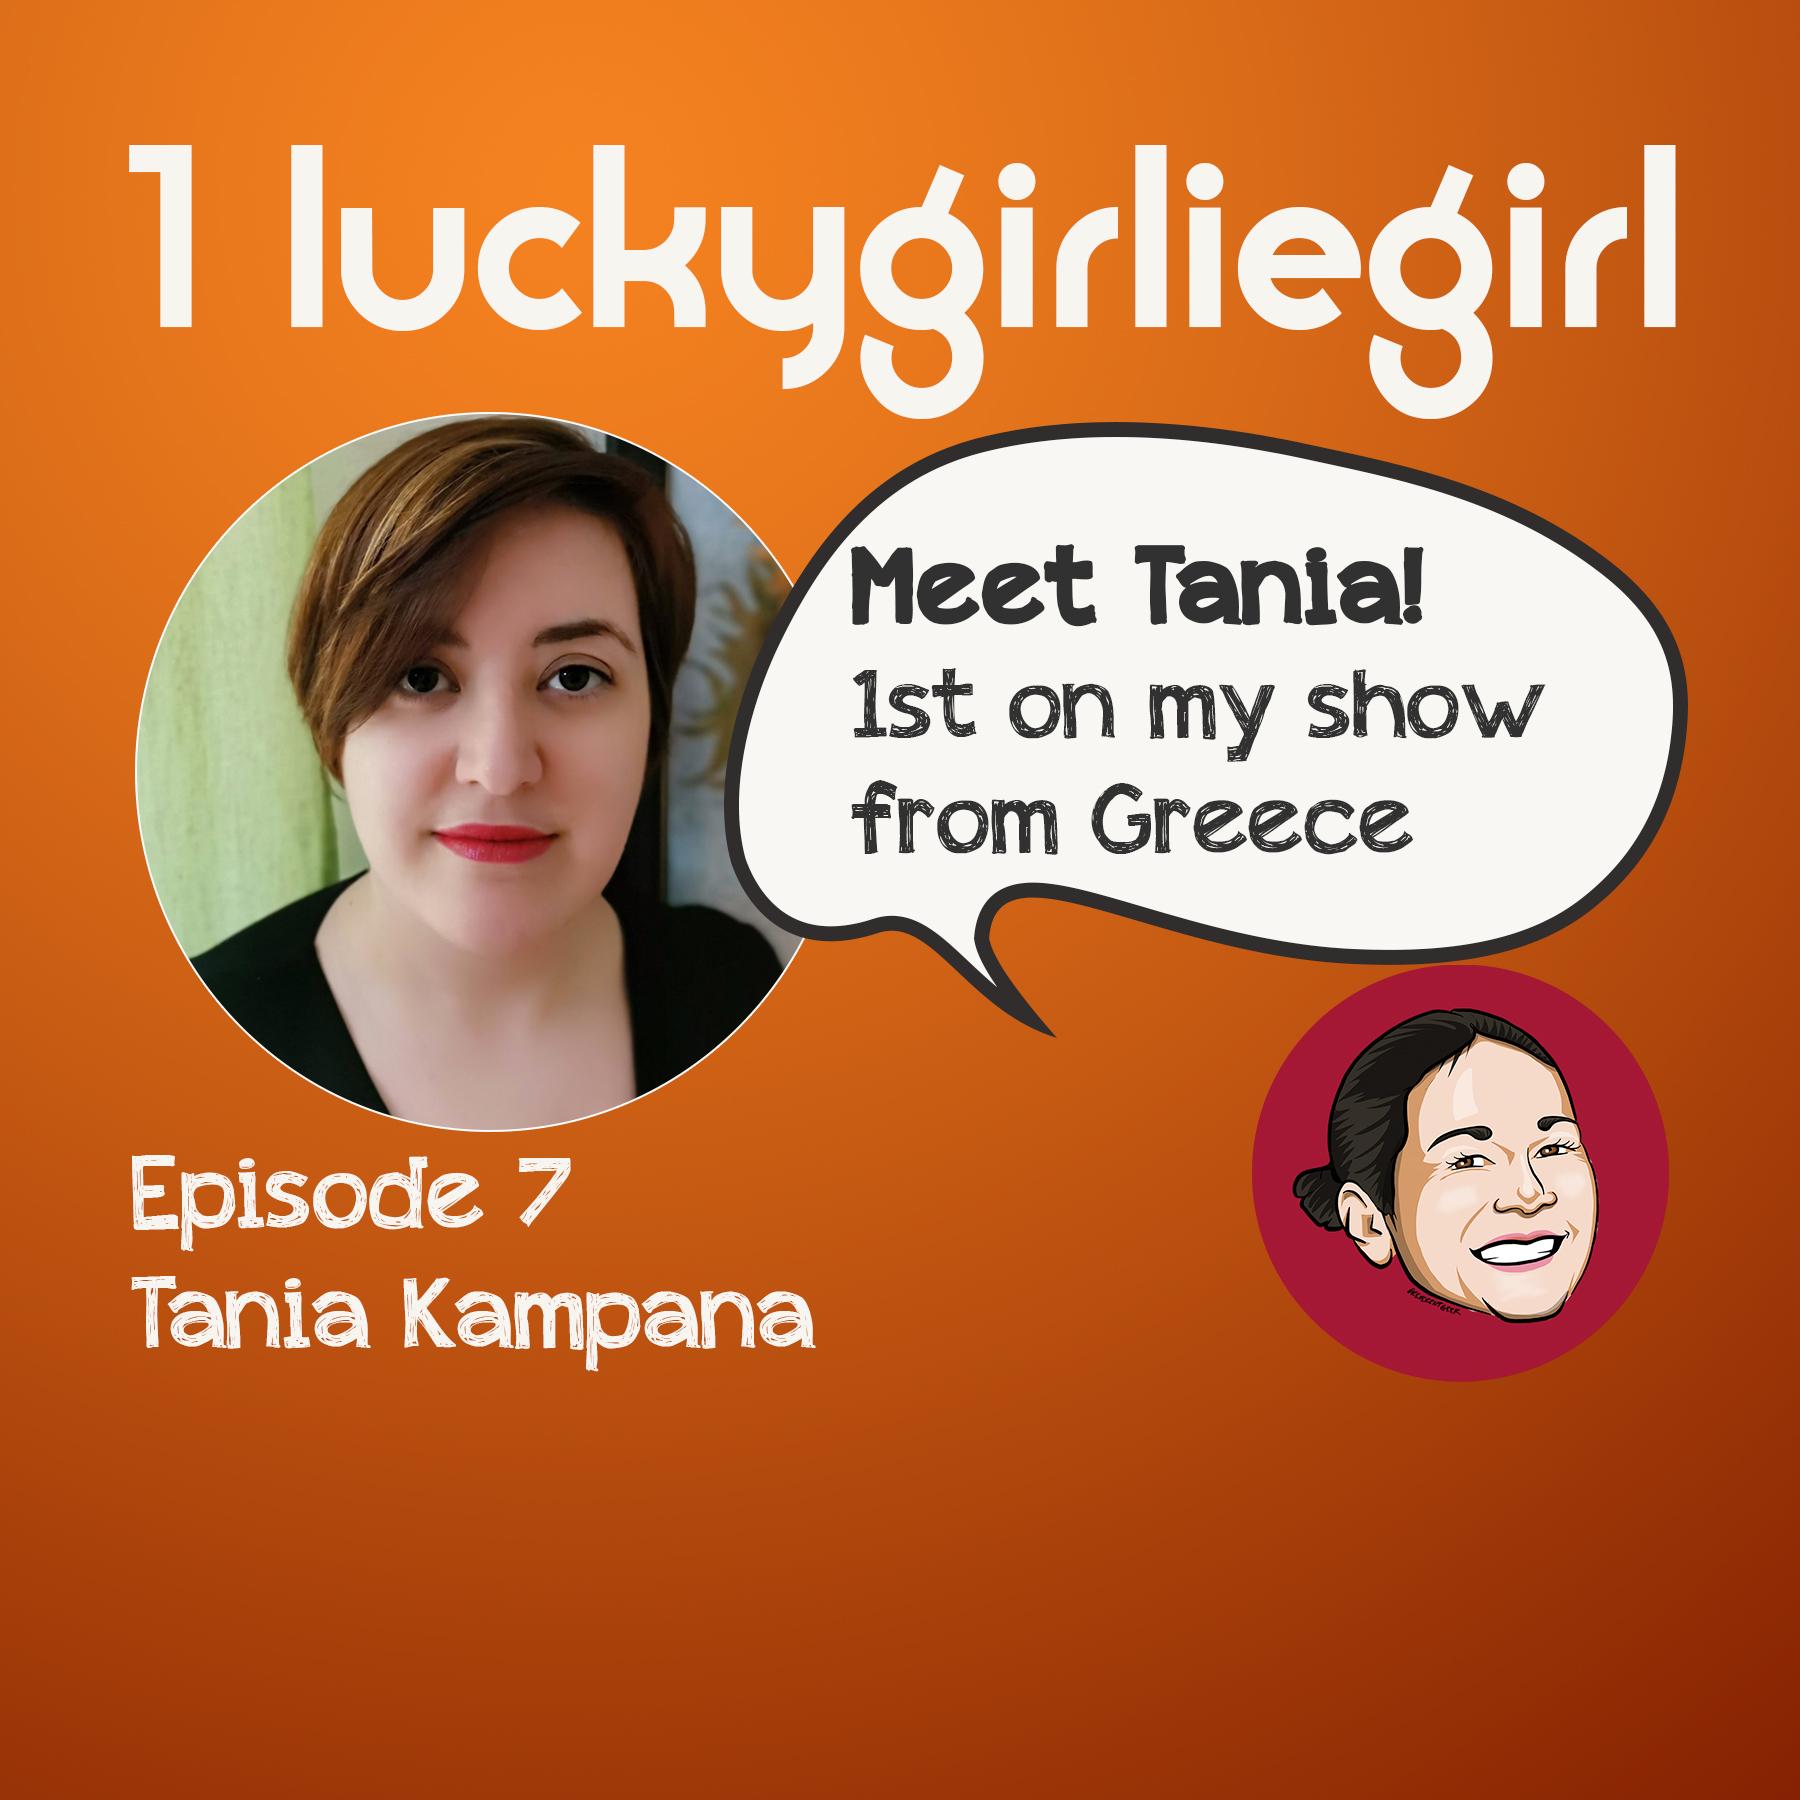 07 - Tania Kampana show art